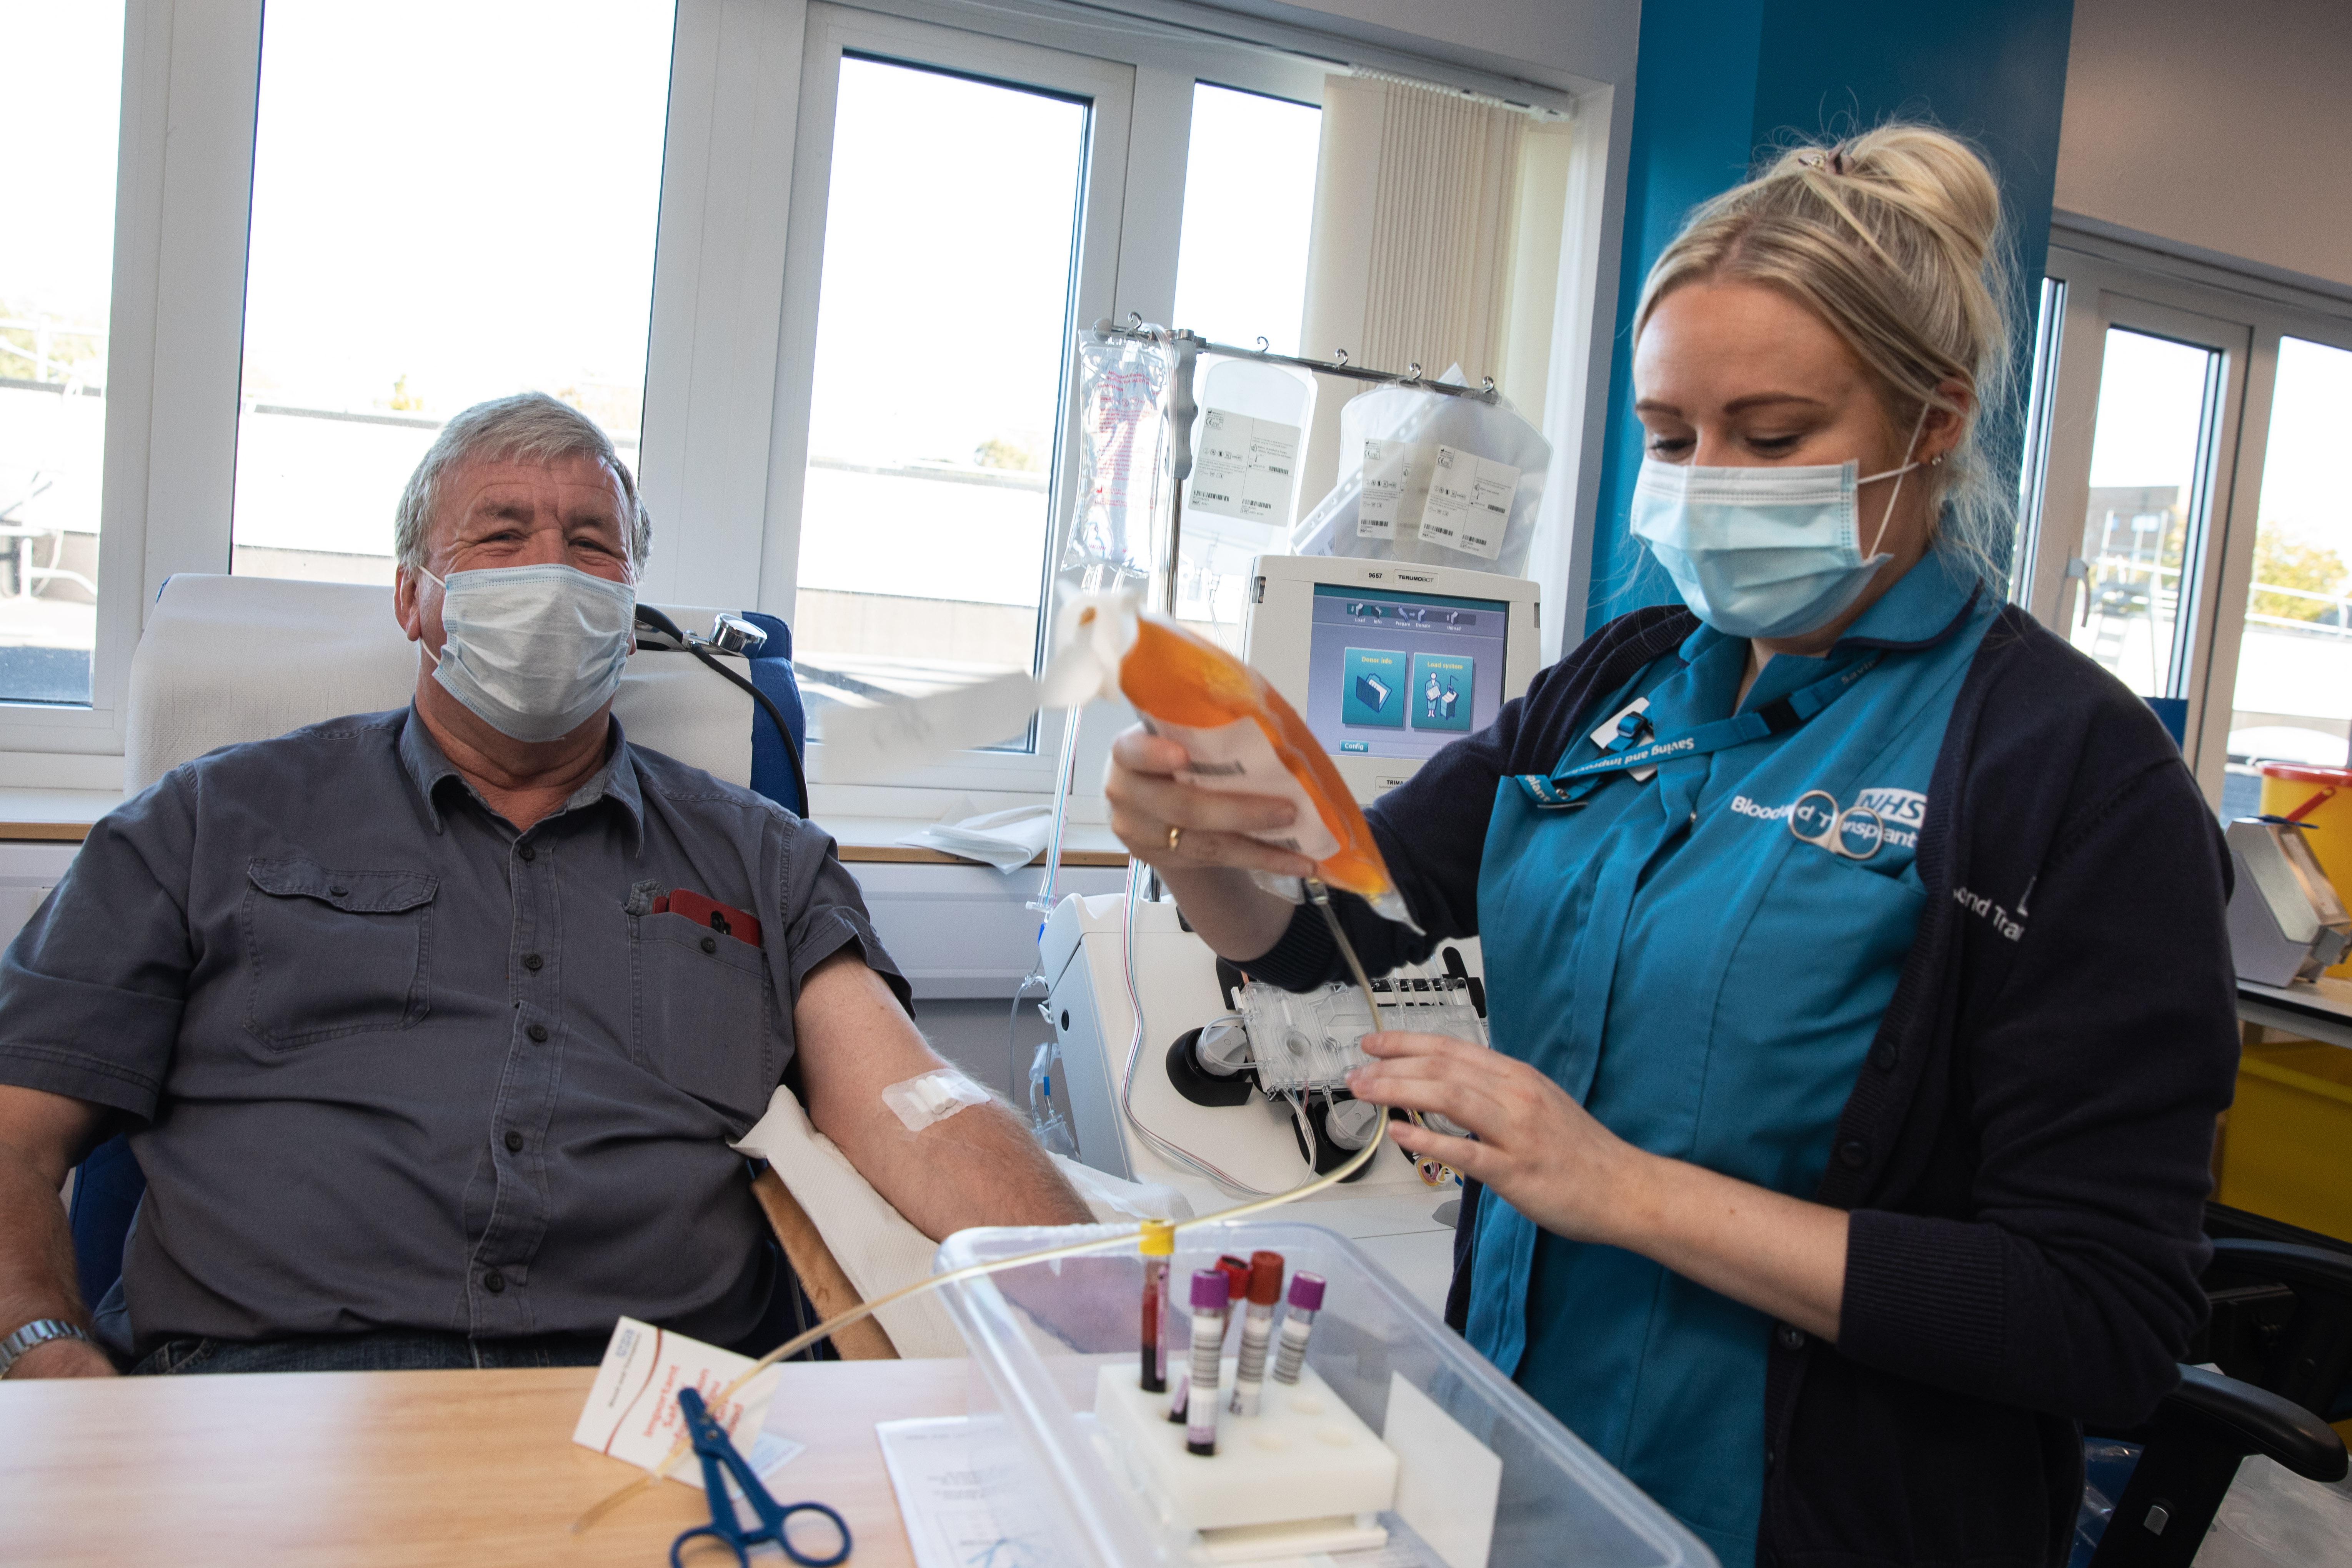 Alan Mack donating blood plasma